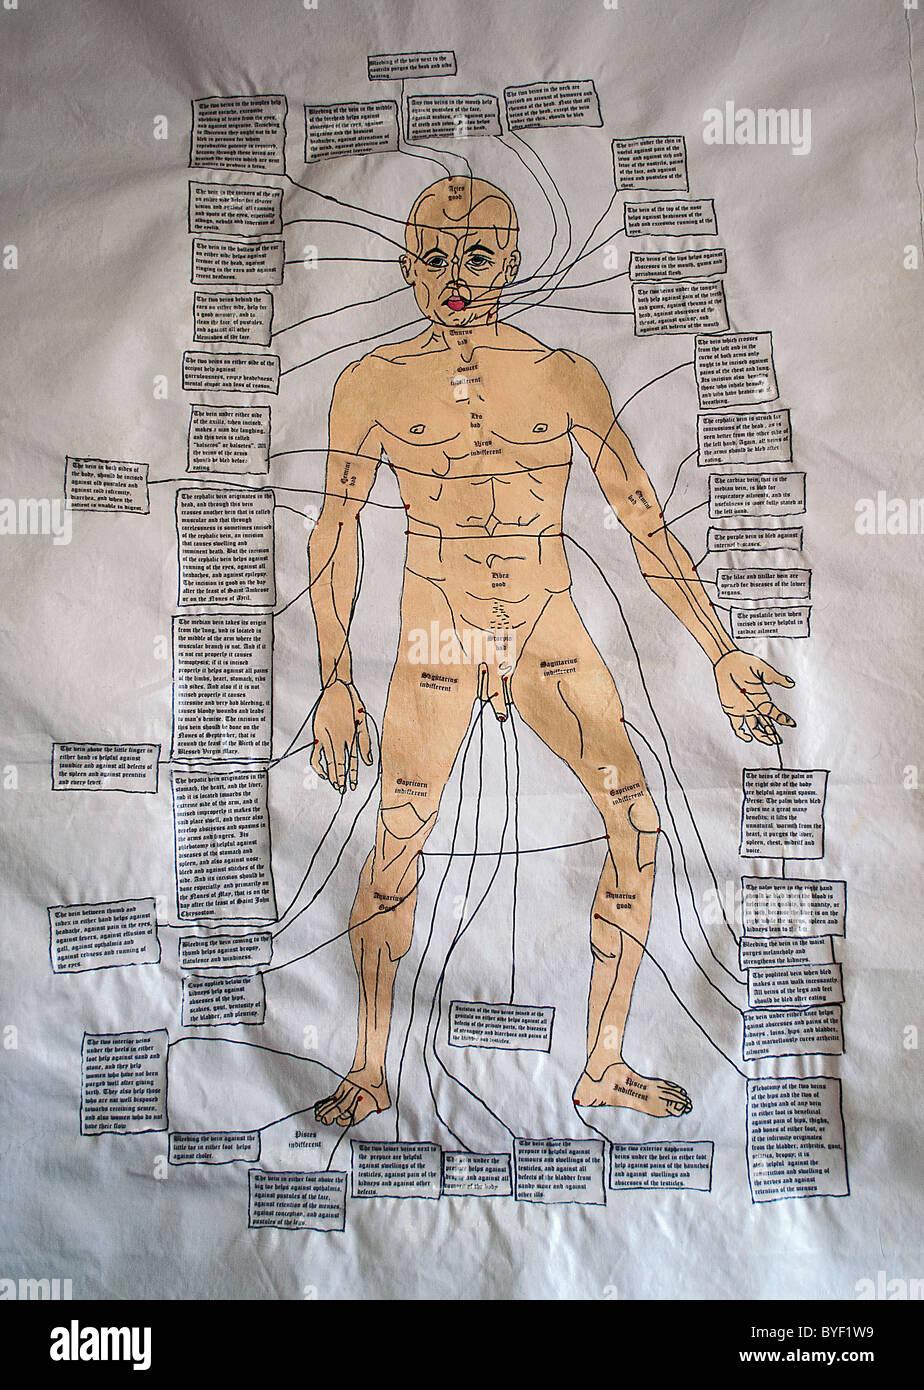 Diagrammi medievale dell'anatomia umana Immagini Stock